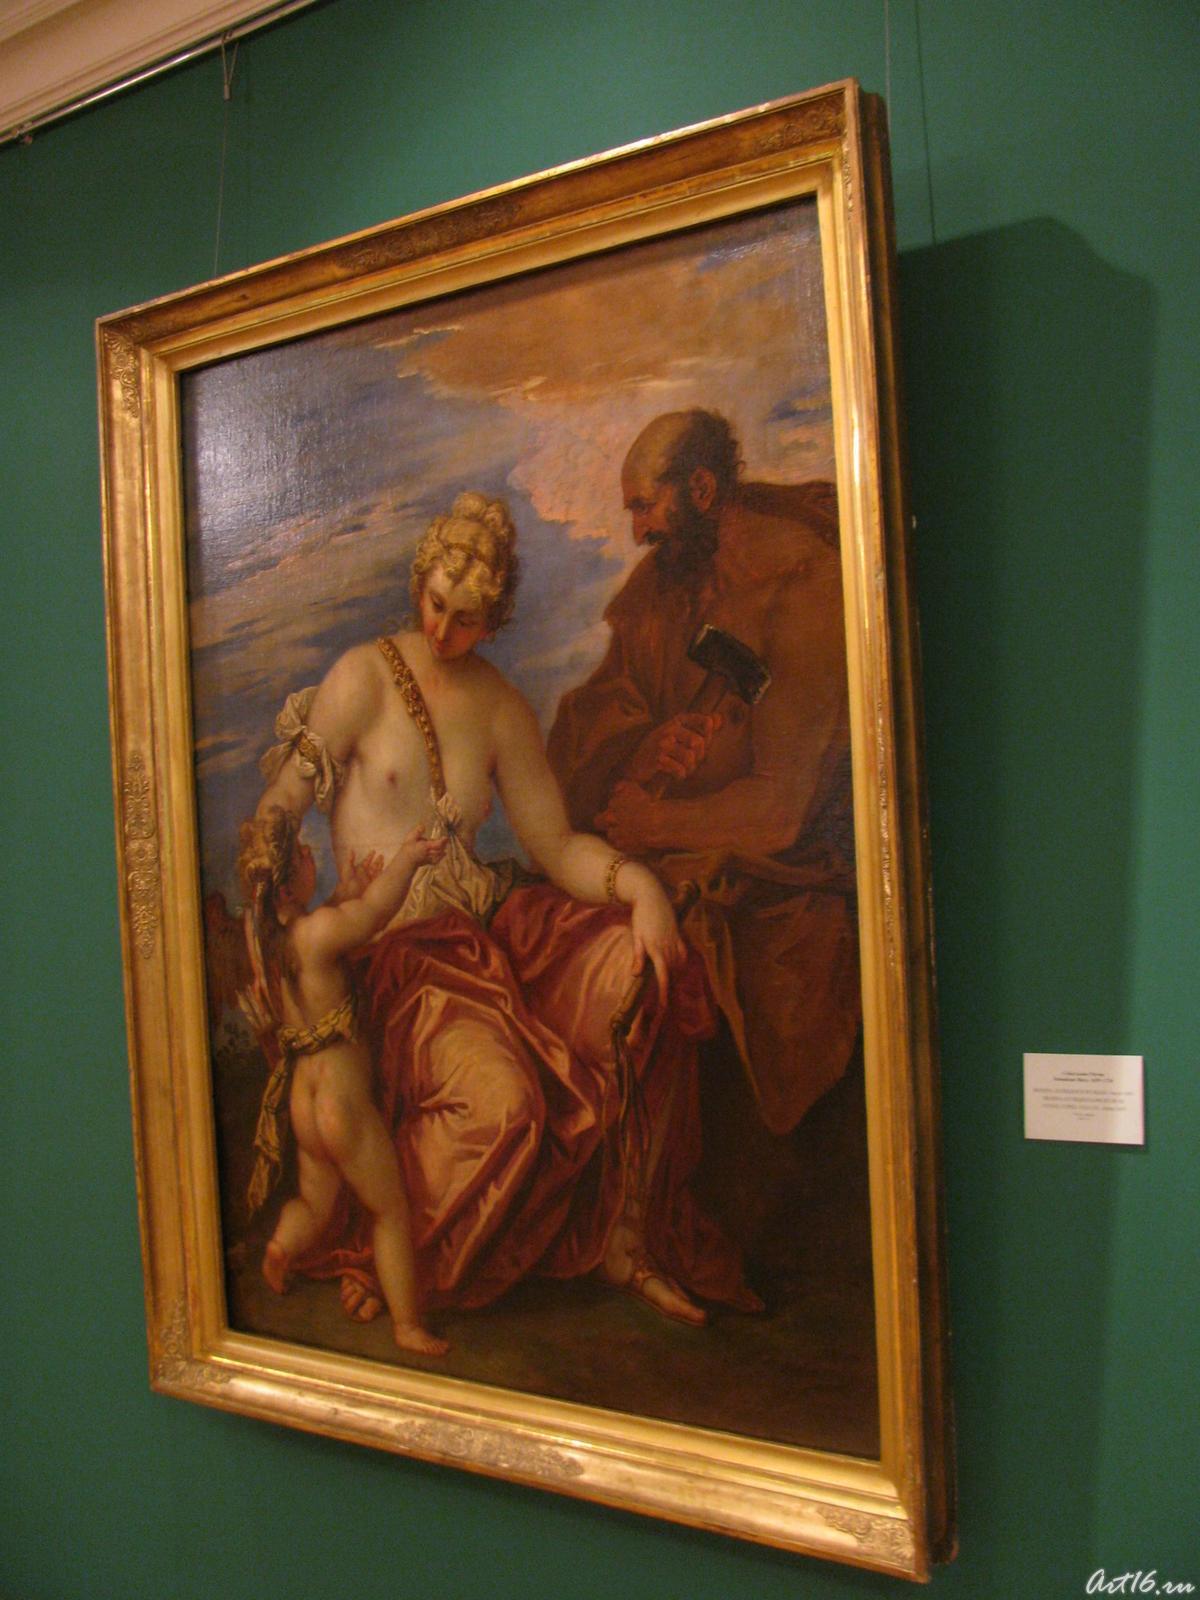 Фото №35659. Венера, Купидон и Вулкан. Ок. 1695